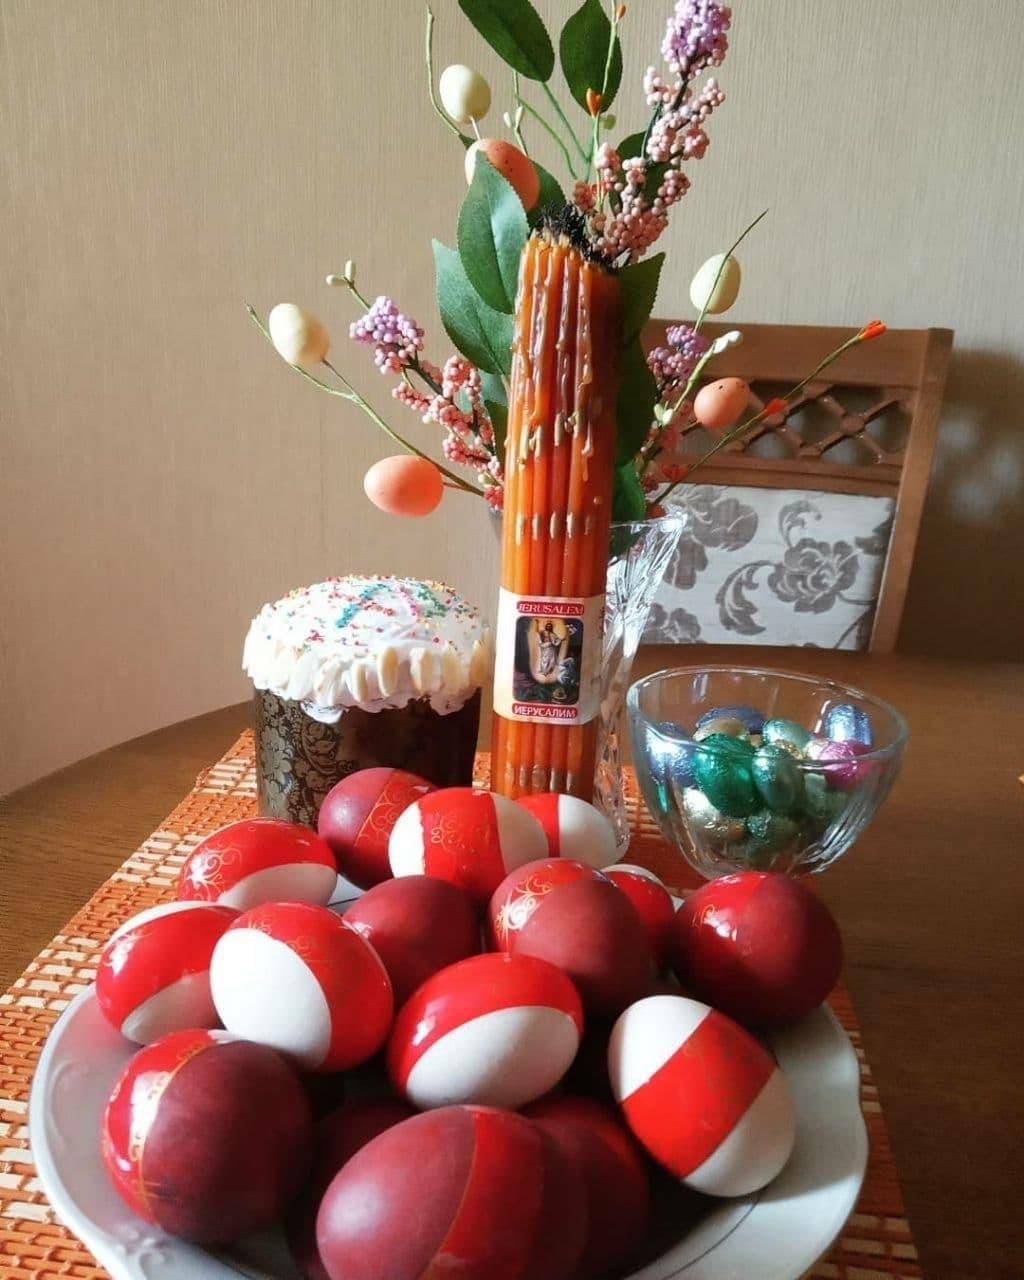 Белорусы готовы праздновать Пасху с бело-красно-белой символикой5